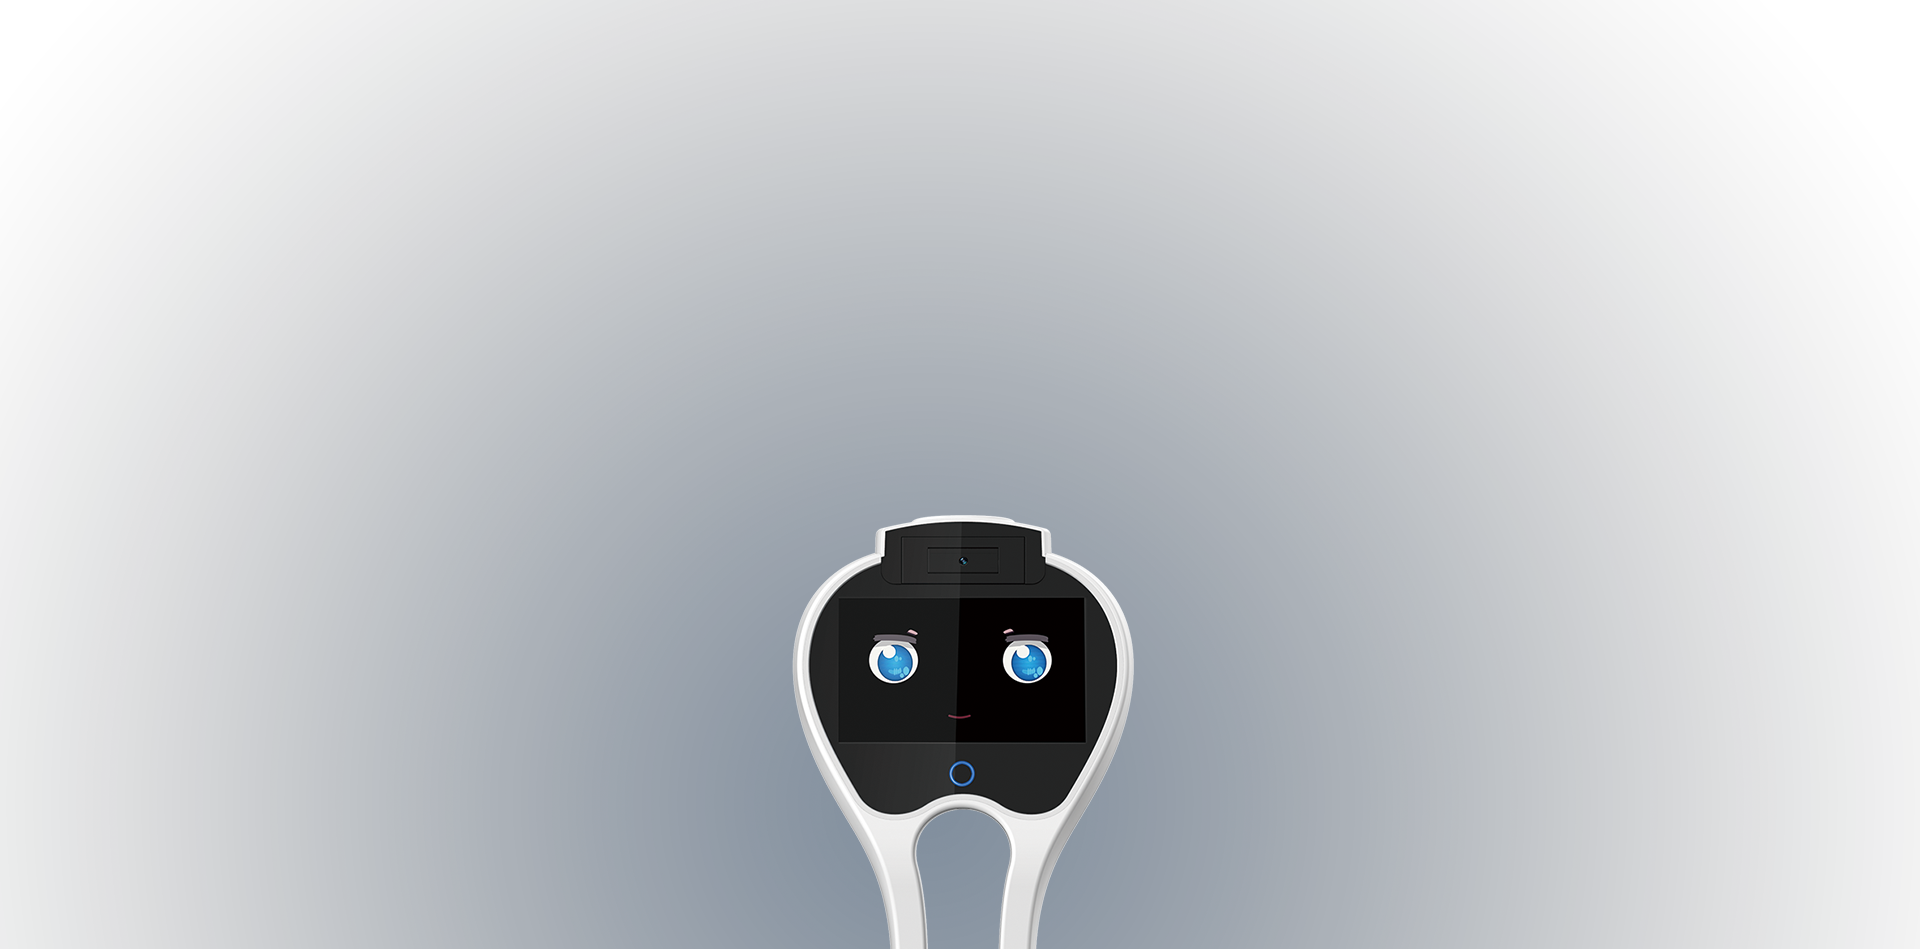 贝芽助教机器人